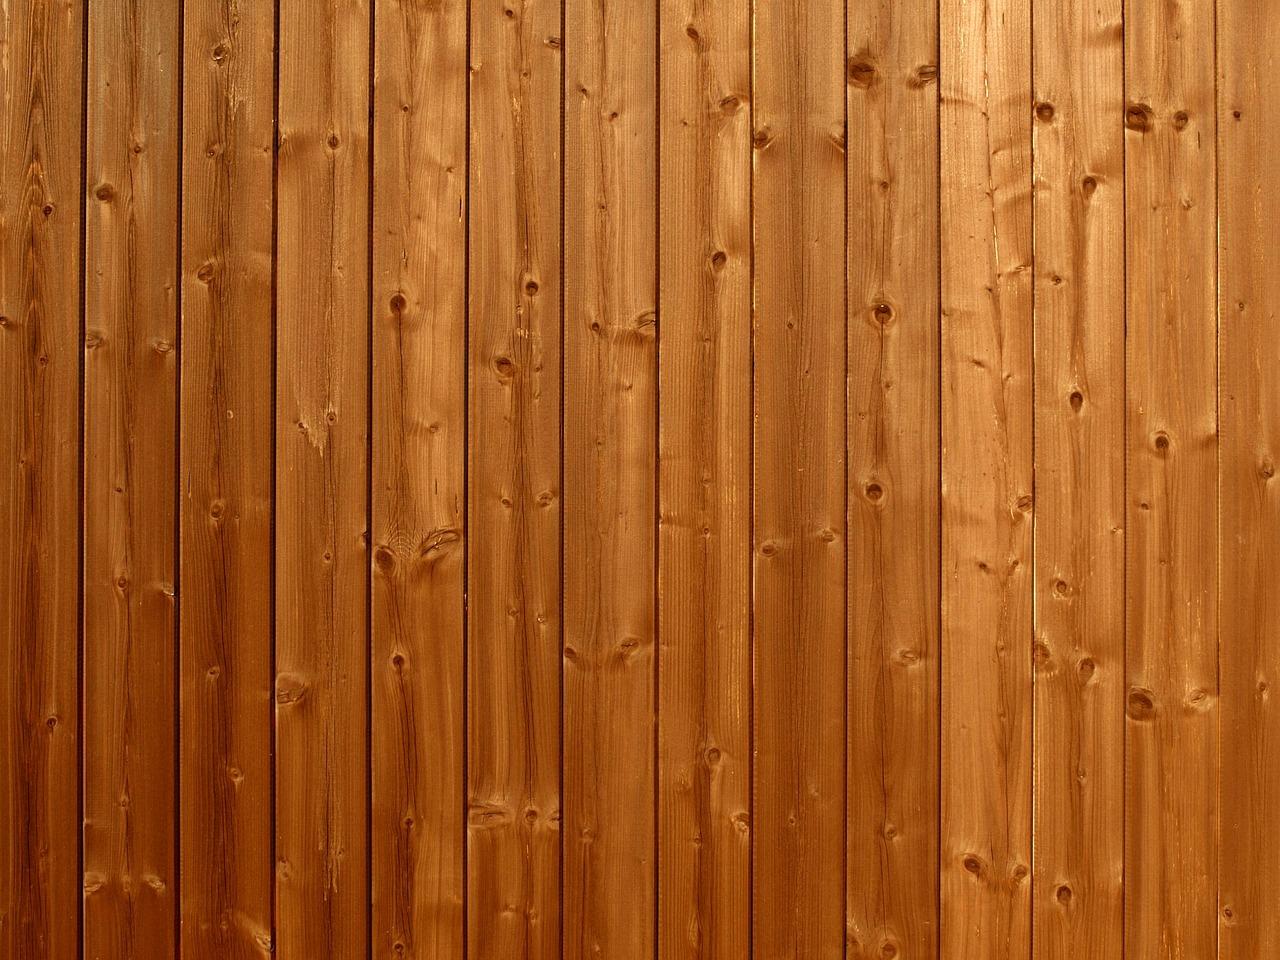 lægge nyt gulv på gammelt trægulv